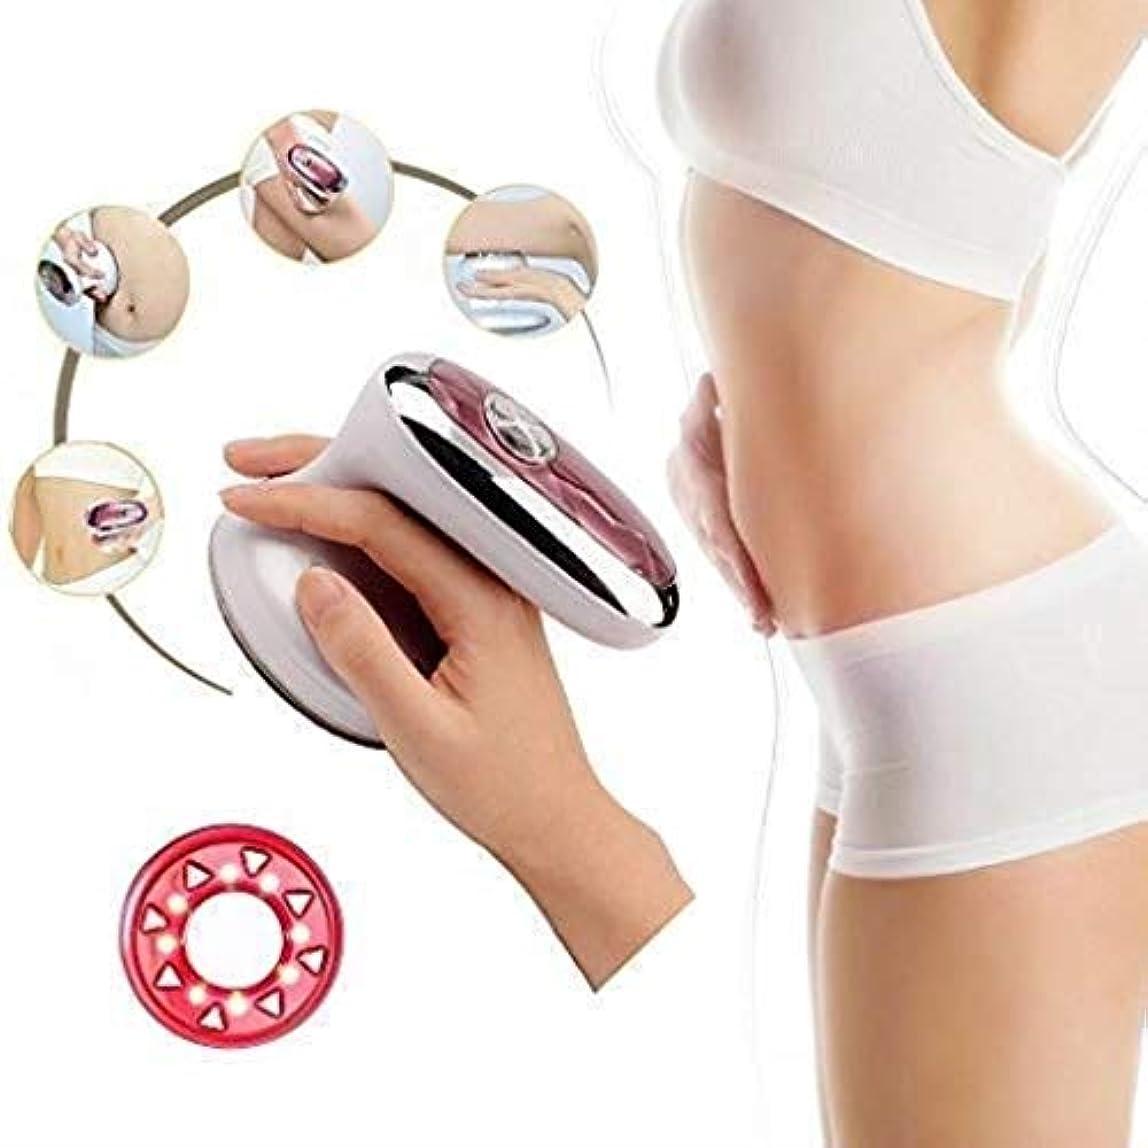 インストール特許お手入れ美容マッサージ器、RF超音波ボディスリミングマッサージ器、ポータブル脂肪バーナー、振動美容インストゥルメント、腰とスリミングファーミングスキン/シェーピング美容インストゥルメント